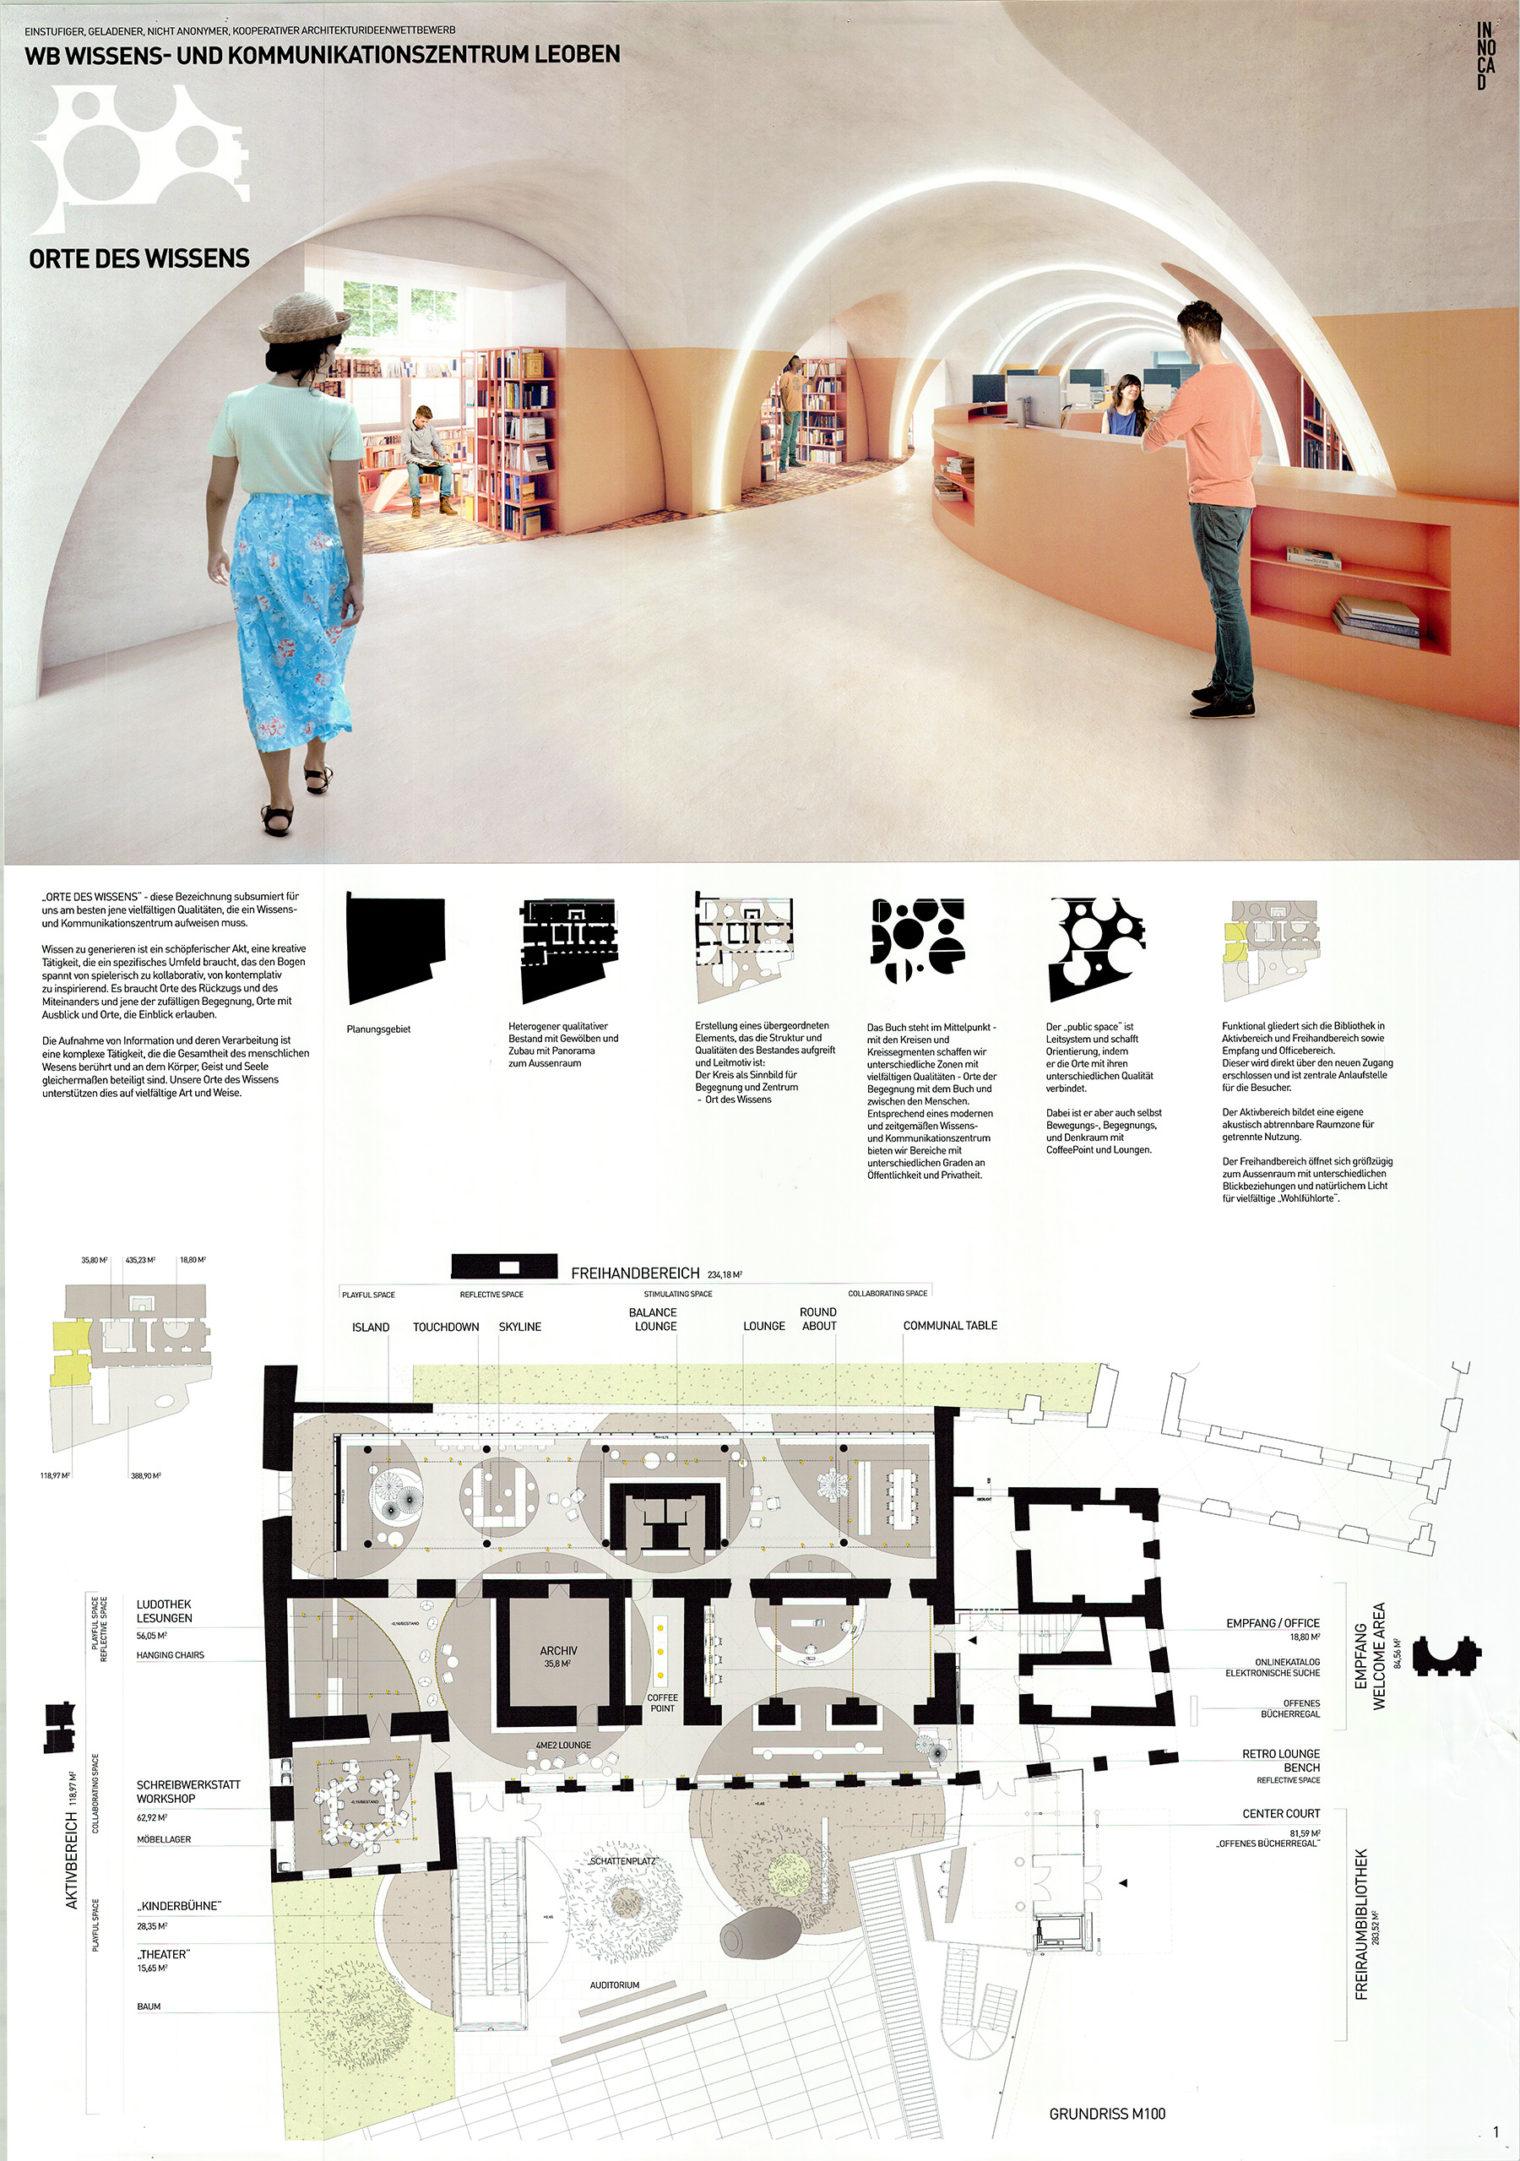 Entwurfsansichten Wissenszentrum